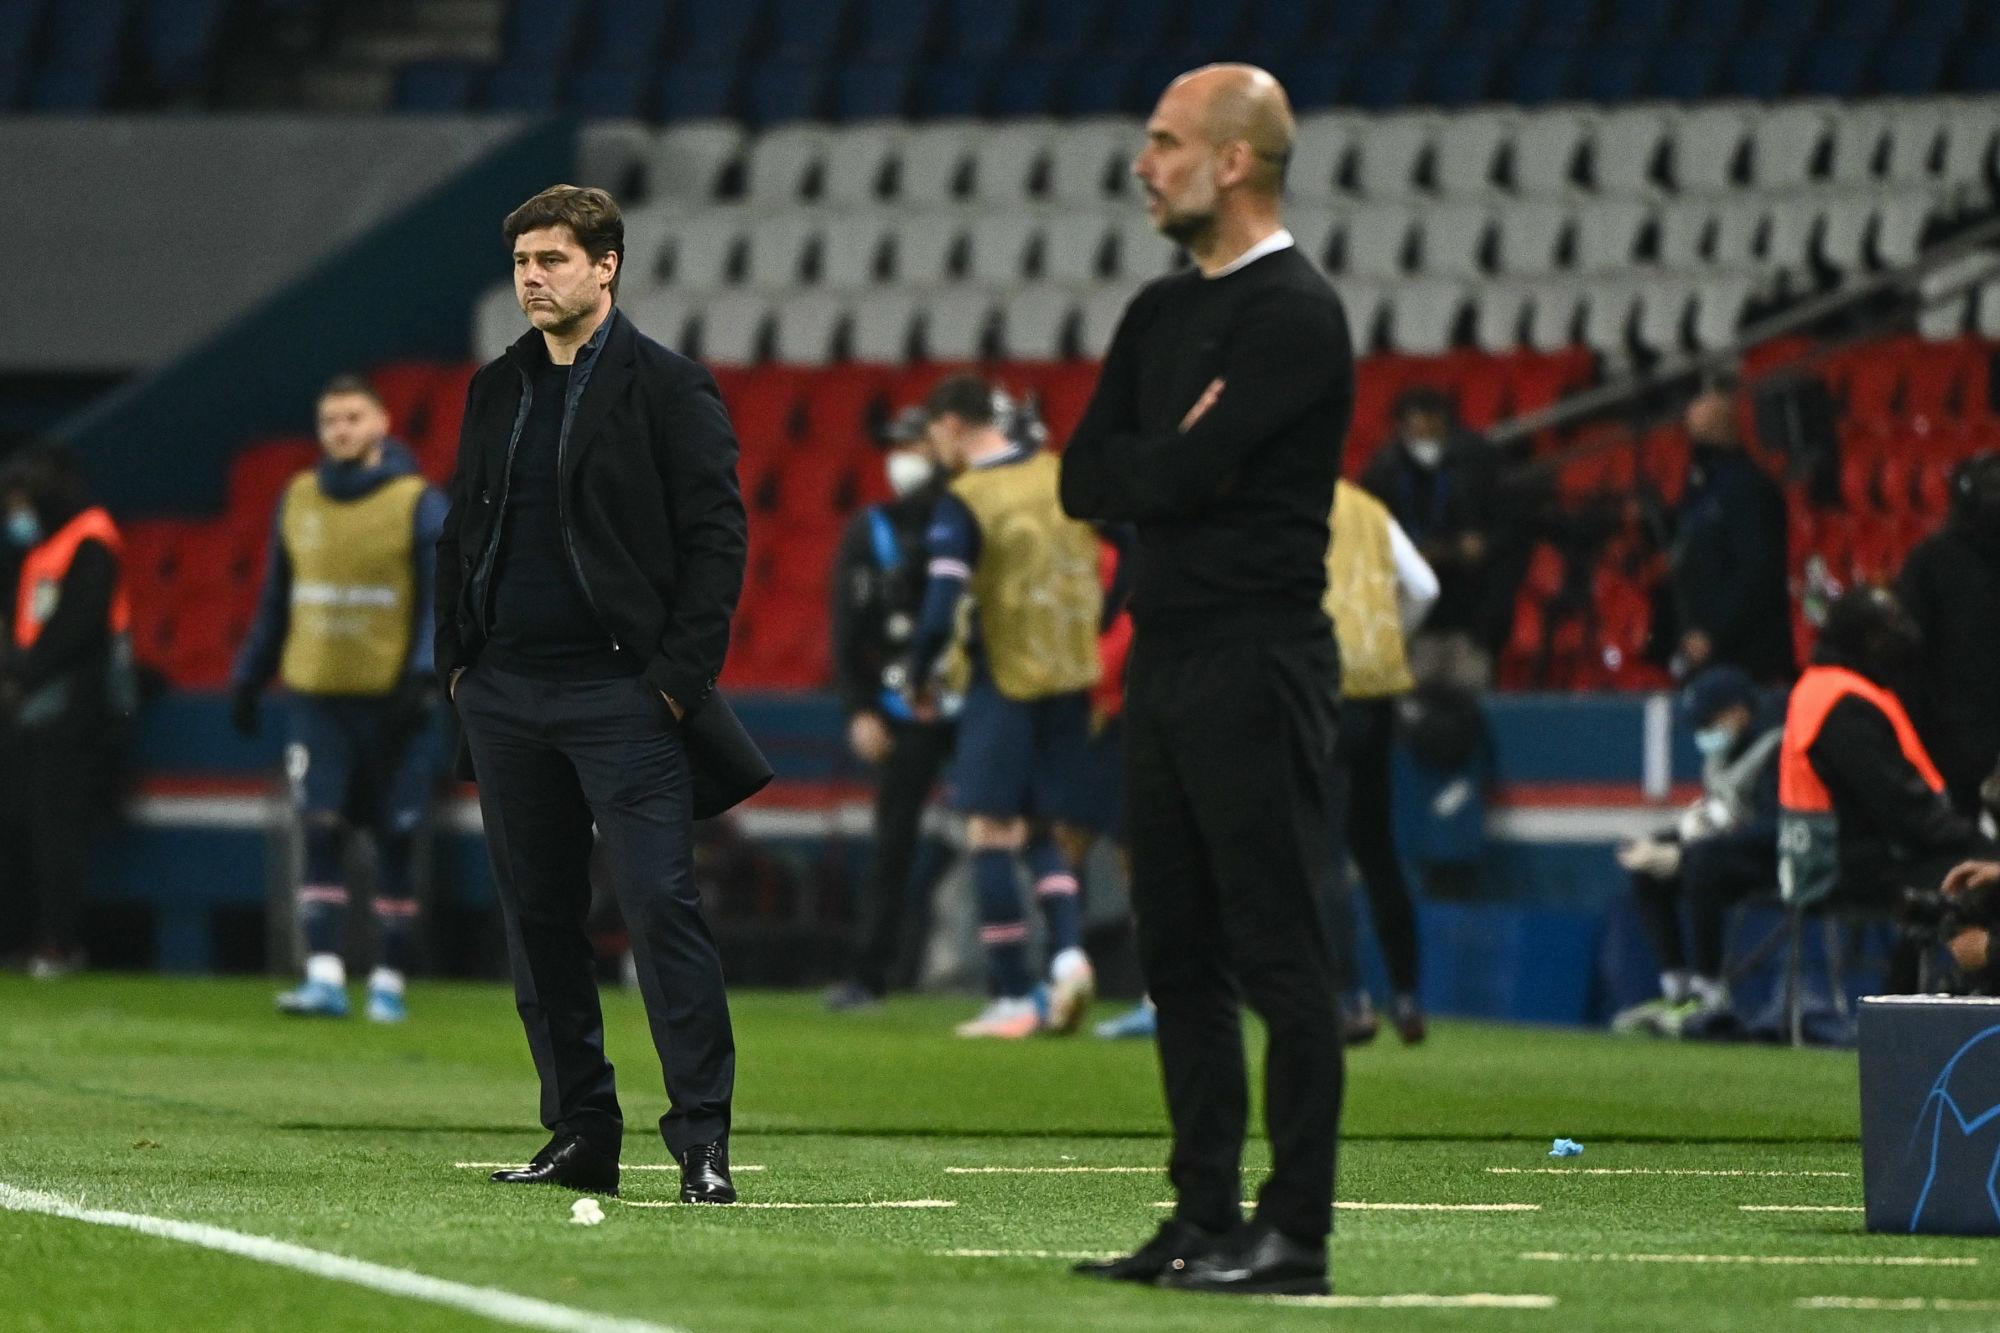 """PSG/City - Pochettino évoque la fatigue, """"les petits détails"""" et le match retour."""